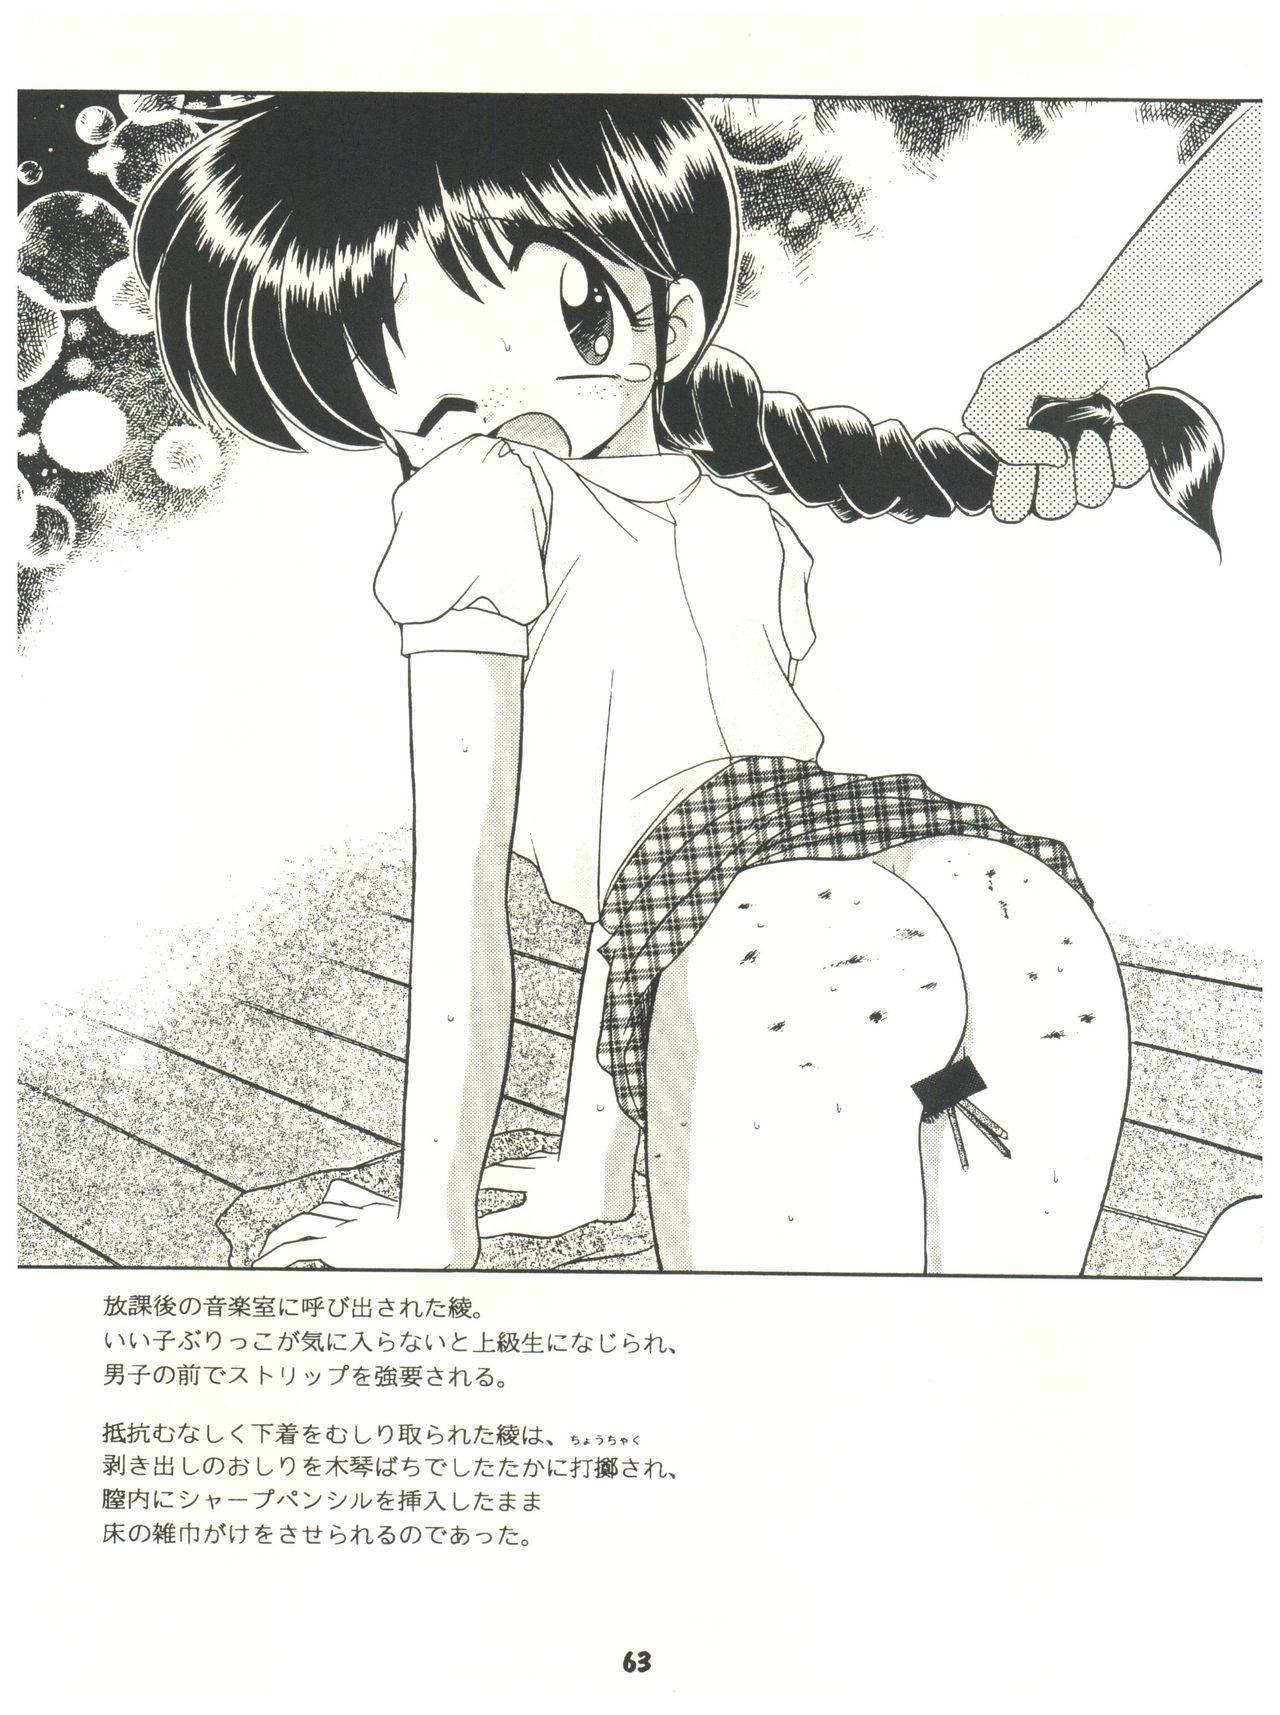 [Sairo Publishing (J. Sairo) En-Jack 2 (Various) 62